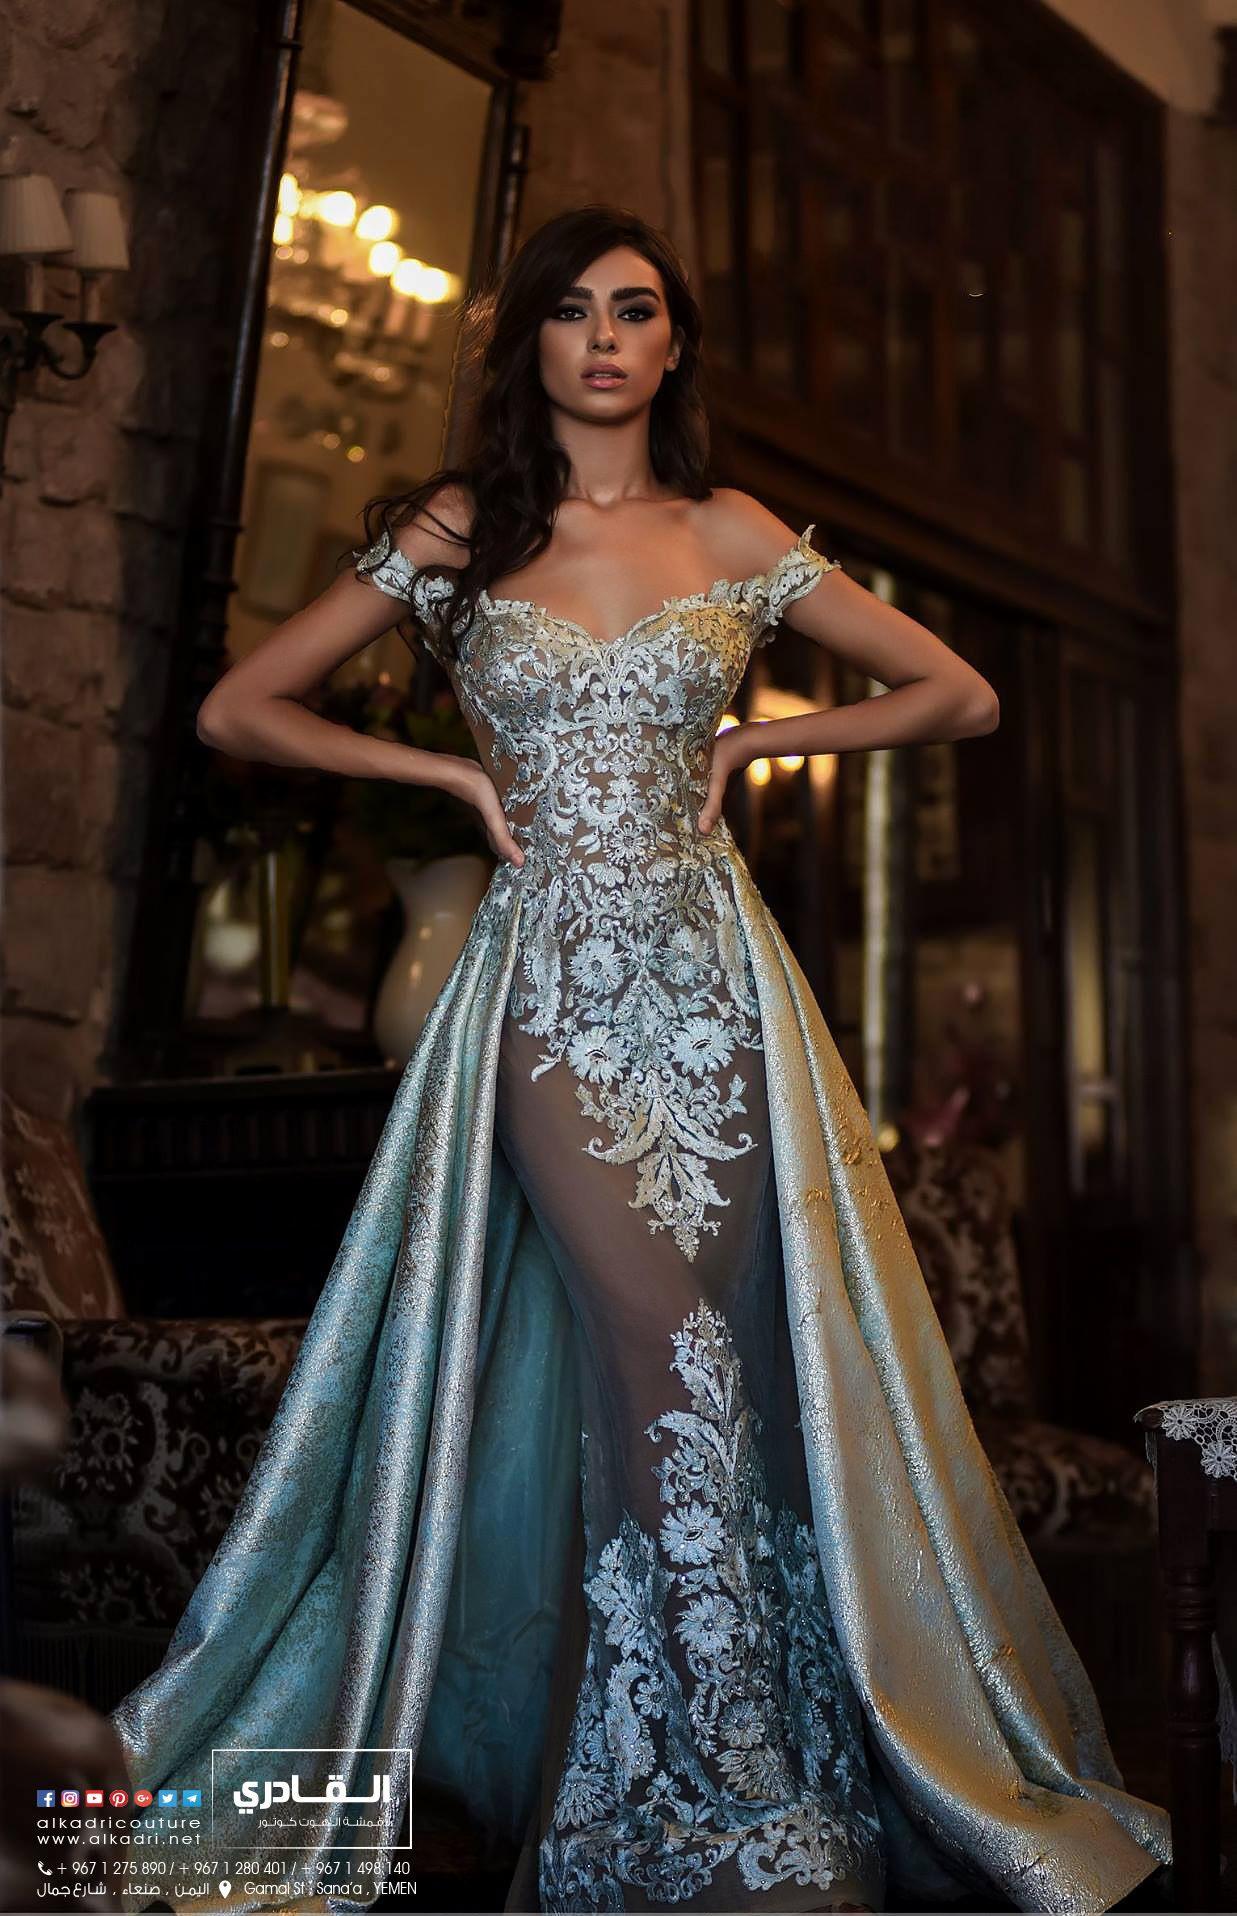 8 Ausgezeichnet Extravagante Abendkleider Vertrieb - Abendkleid